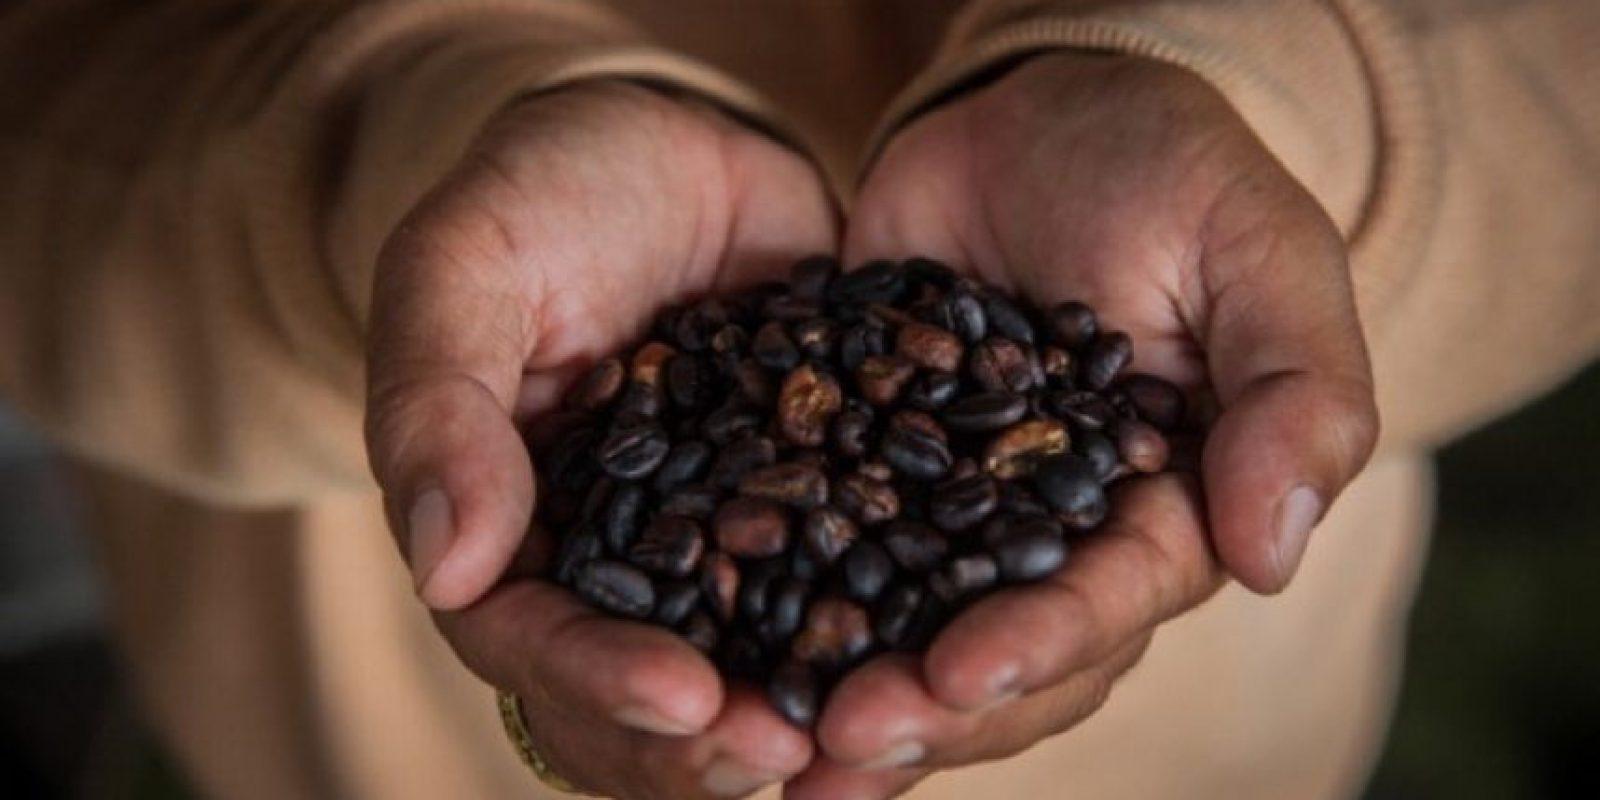 La investigación realizada a 270 mujeres suecas encontró que la mitad de ellas llevaban el gen responsable de la contracción de los senos en las bebedoras de café. Foto:Getty Images